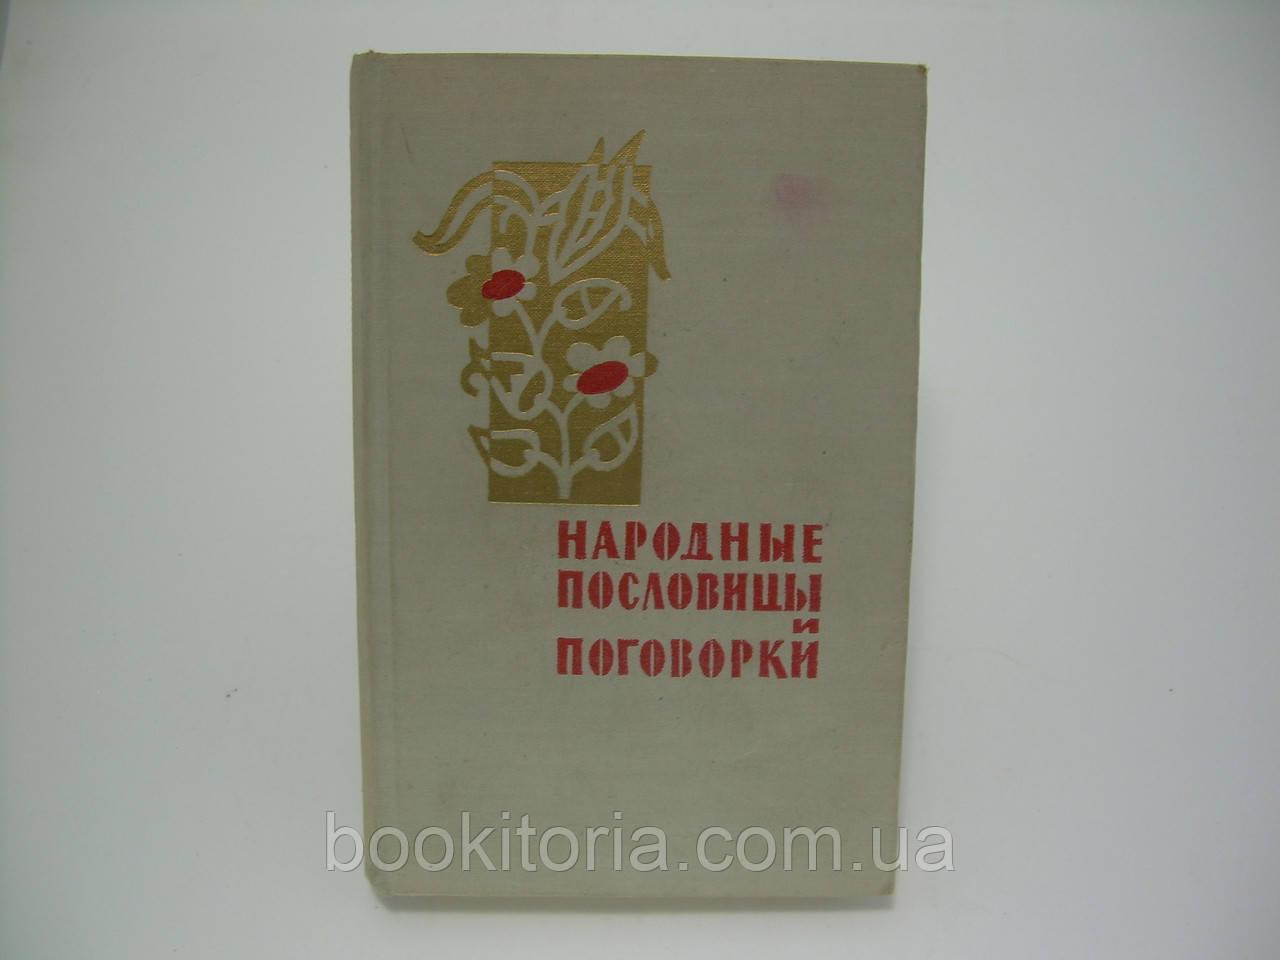 Народные пословицы и поговорки (б/у).